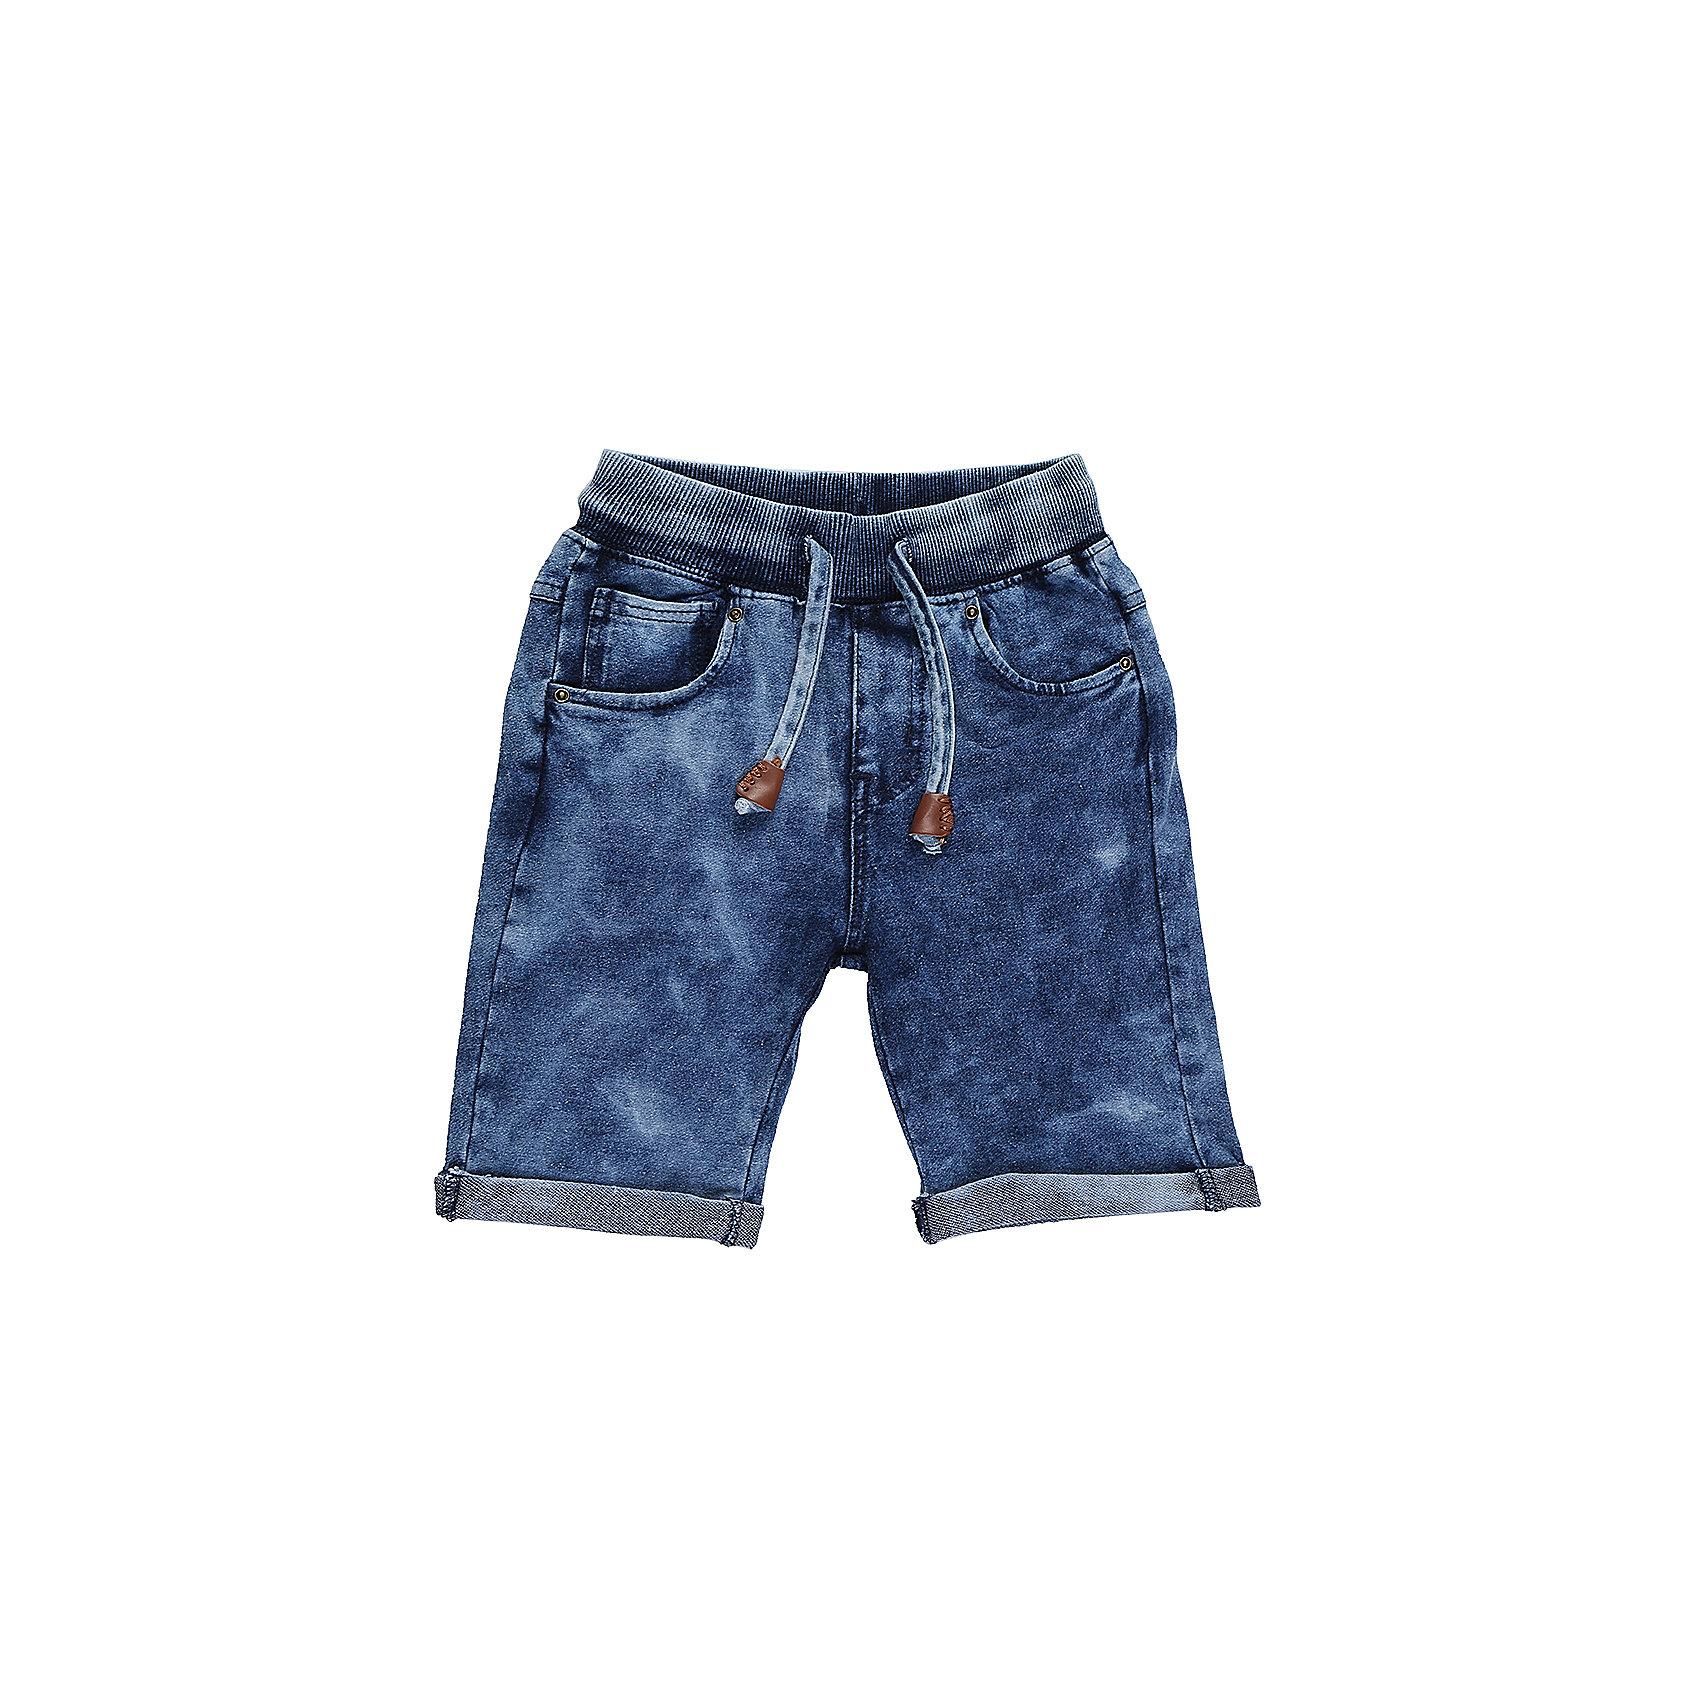 Шорты джинсовые для мальчика Sweet BerryШорты, бриджи, капри<br>Мягкие, трикотажные шорты с отворотом для мальчика. Спереди два прорезных кармана. Пояс-резинка дополнен шнуром для регулирования объема.<br>Состав:<br>95%хлопок 5%эластан<br><br>Ширина мм: 191<br>Глубина мм: 10<br>Высота мм: 175<br>Вес г: 273<br>Цвет: синий<br>Возраст от месяцев: 36<br>Возраст до месяцев: 48<br>Пол: Мужской<br>Возраст: Детский<br>Размер: 104,98,110,116,122,128<br>SKU: 5410491